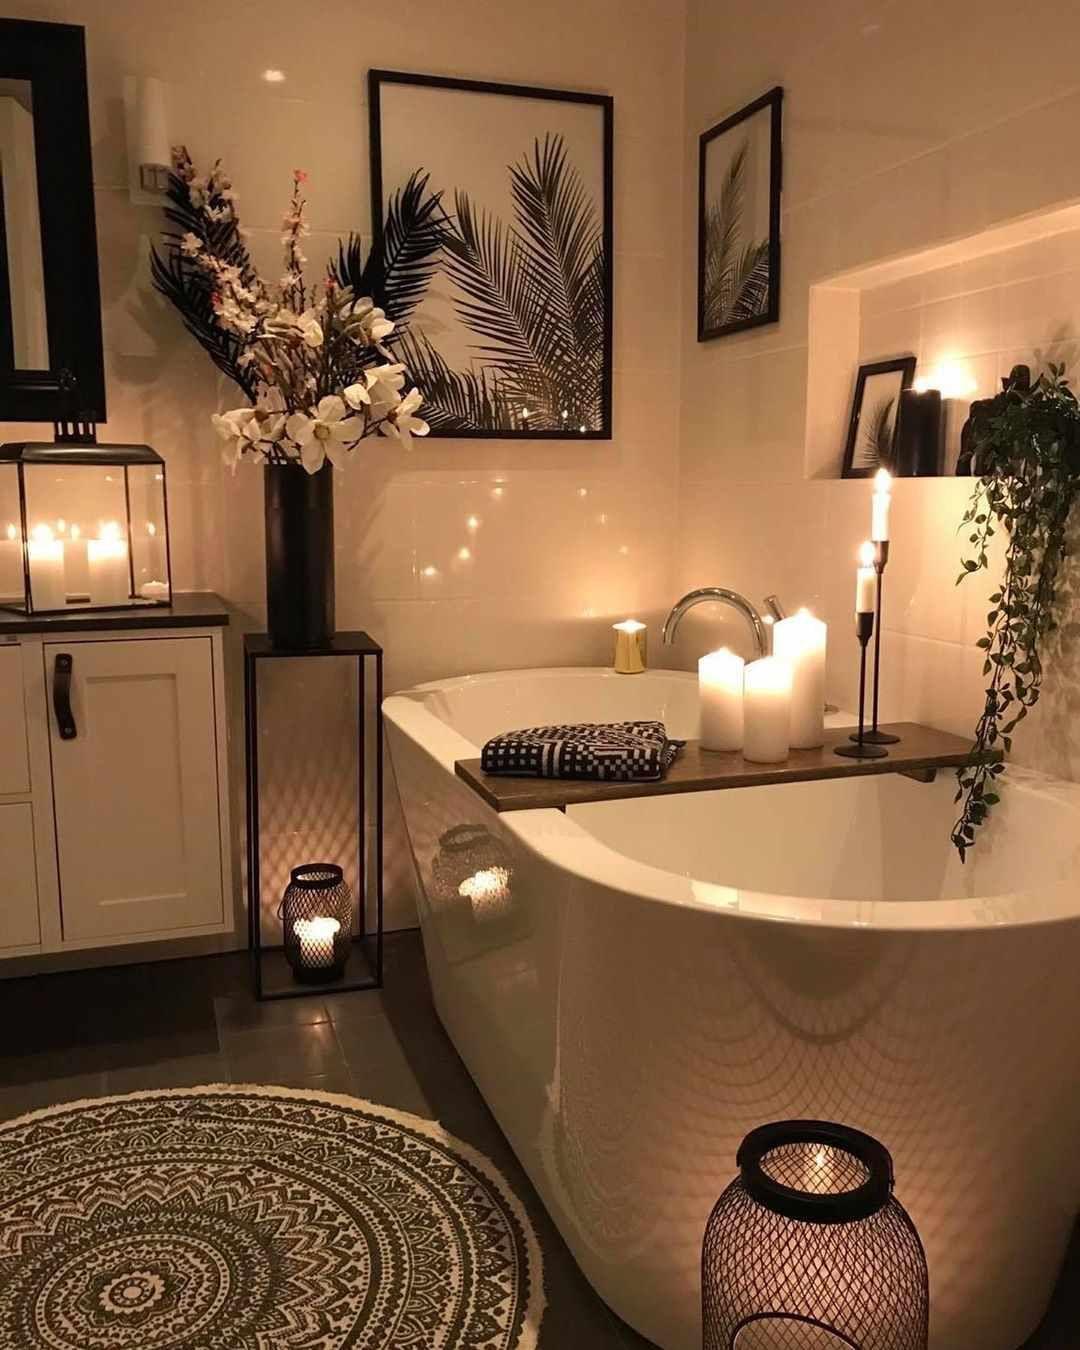 Try These 9 Ways To Create A Zen Bathroom Zen Bathroom Decor Bathroom Design Decor Home Decor Inspiration